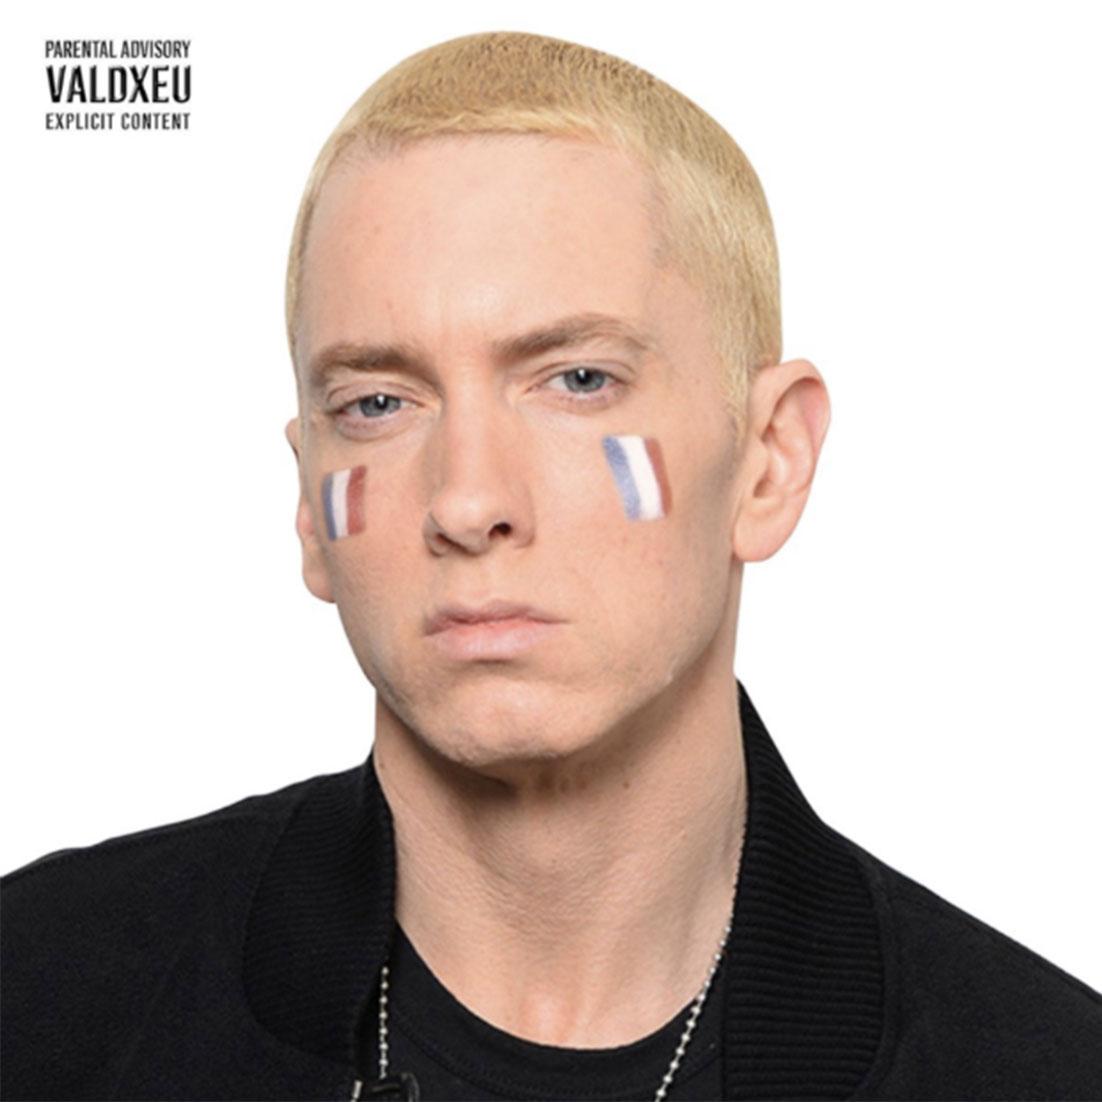 """Vald cover fans rap creation musique xeu visage eminem francais - Les meilleures pochettes réalisées pour """"XEU"""", le nouvel album de Vald"""